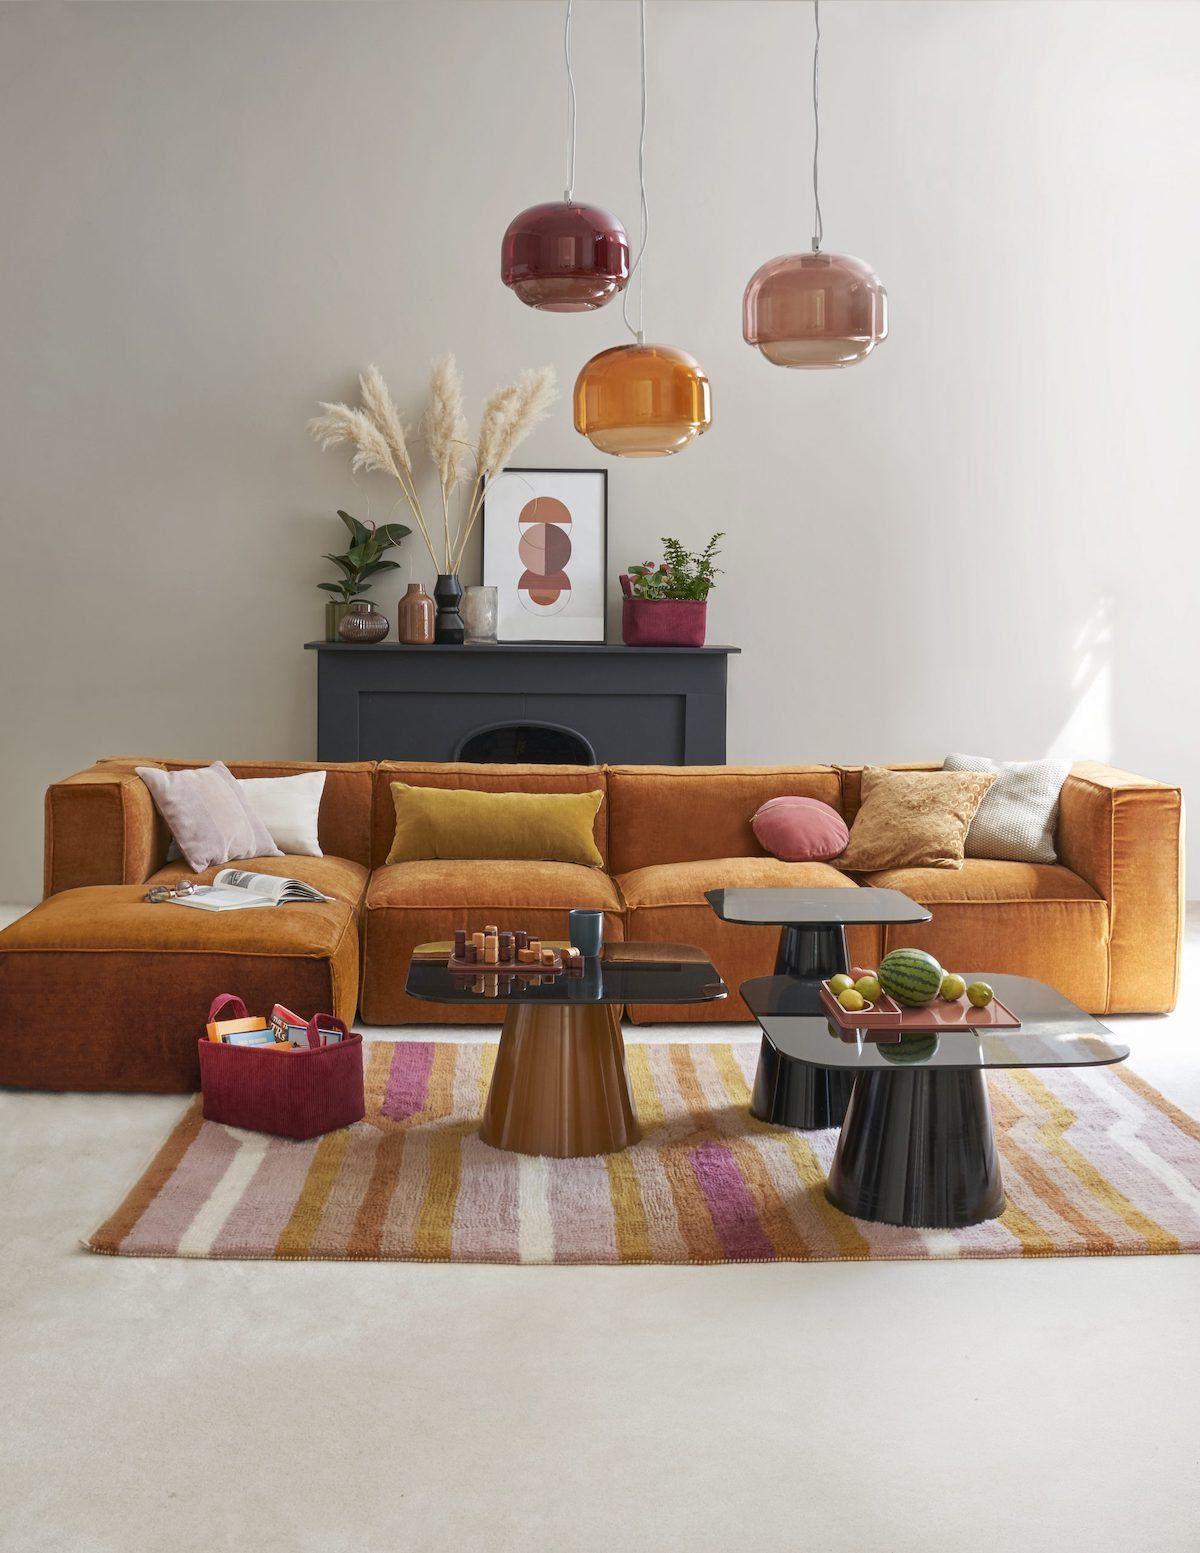 Nouvelle Collection La Redoute Interieurs Deco Clematc En 2020 Mobilier De Salon La Redoute Interieurs Deco